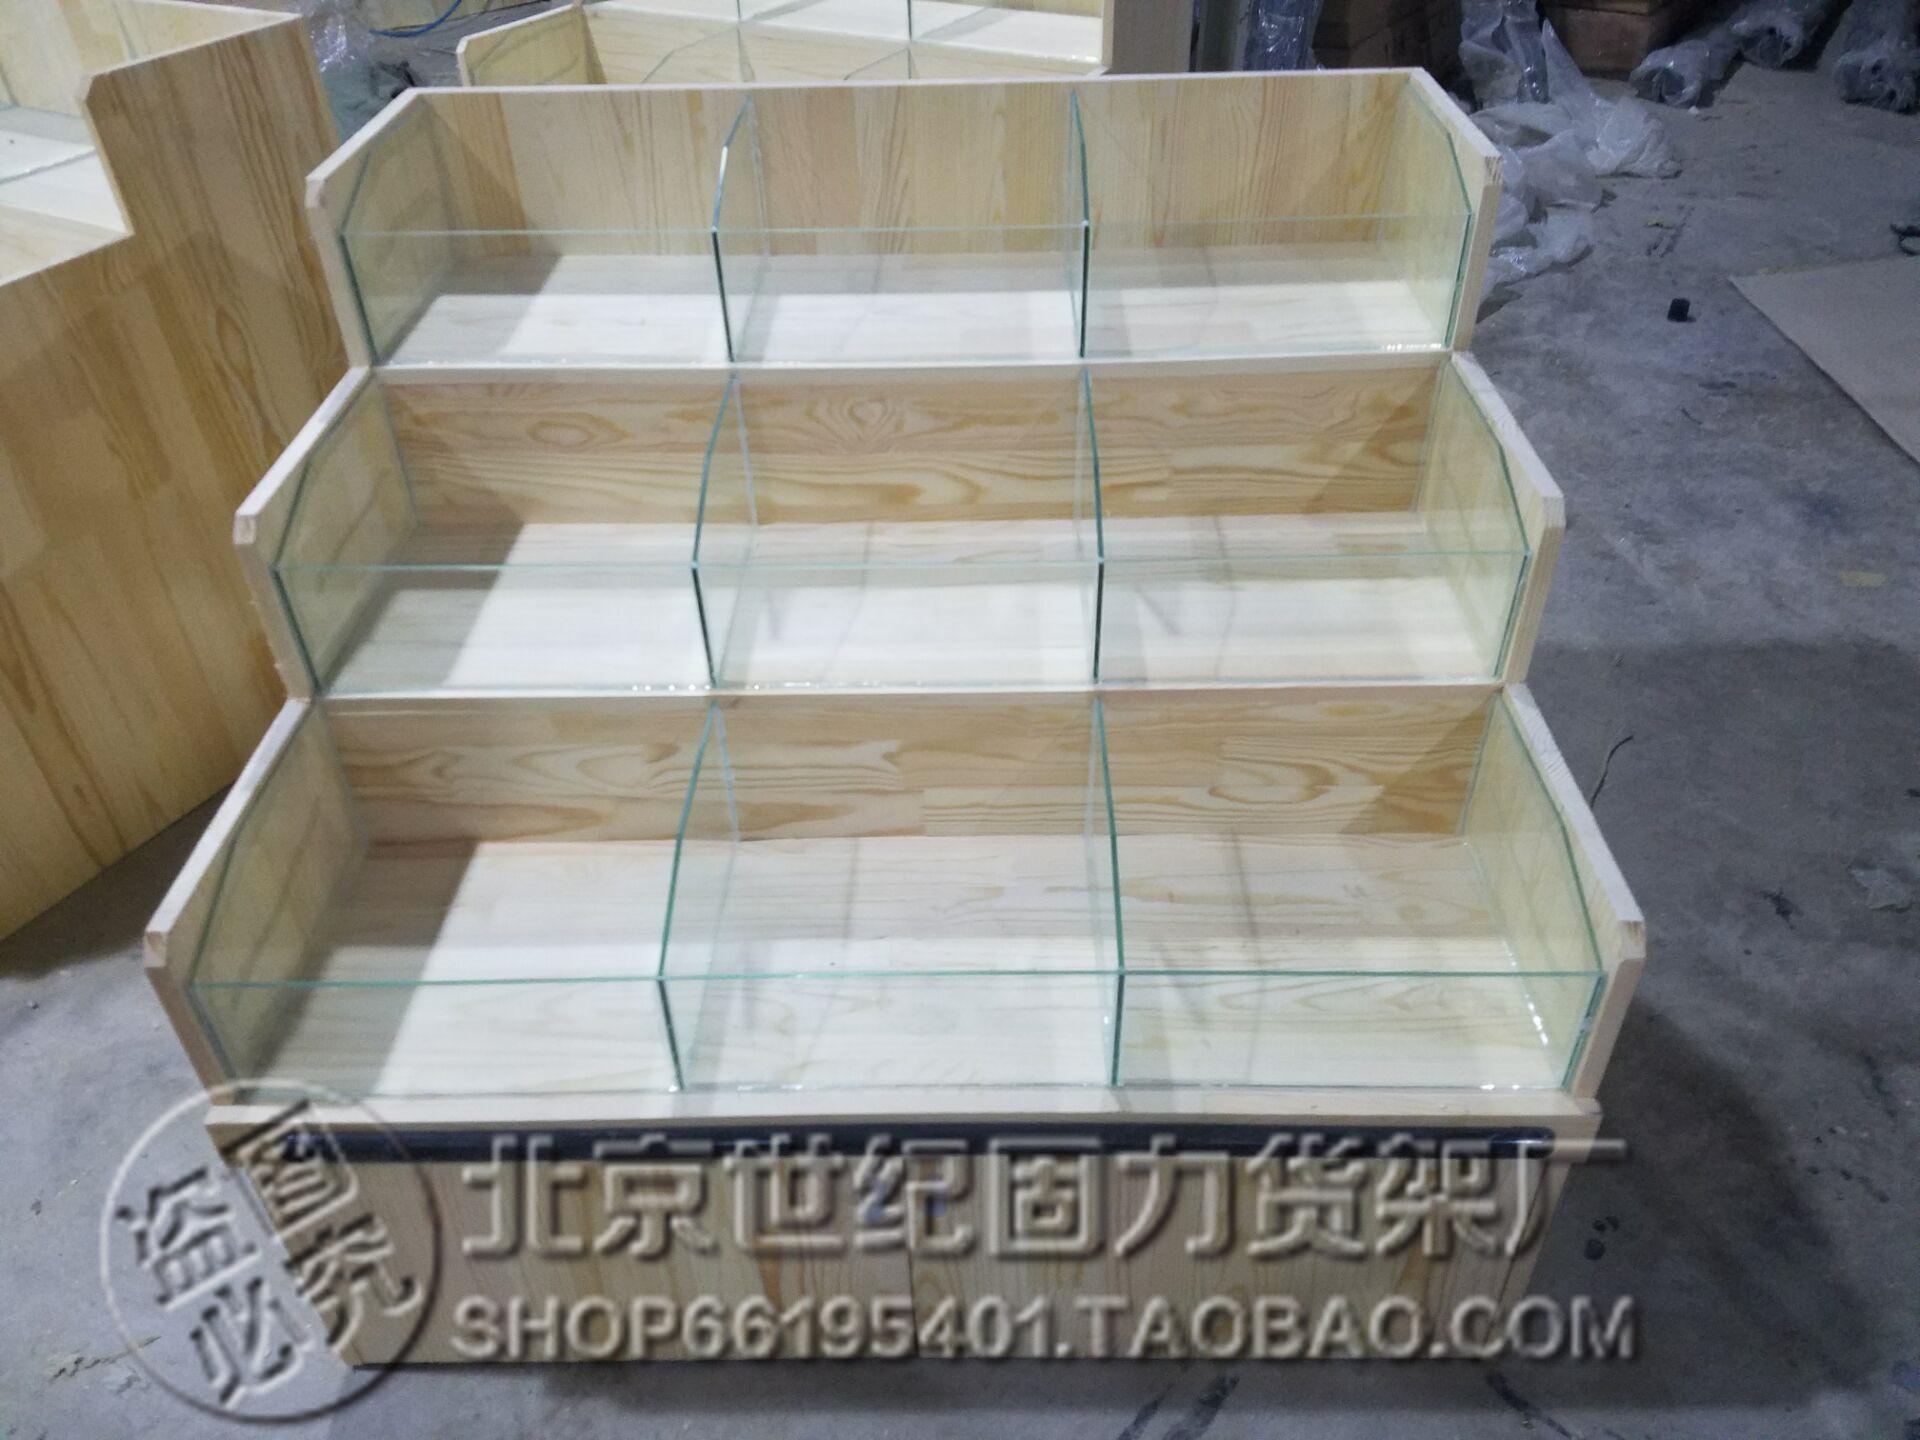 Пекин сделанный на заказ конфеты разное зерна периферия бесплатная доставка деревянный тайвань сухой фрукты масса семена сосна шоу супермаркеты кабинет разное зерна